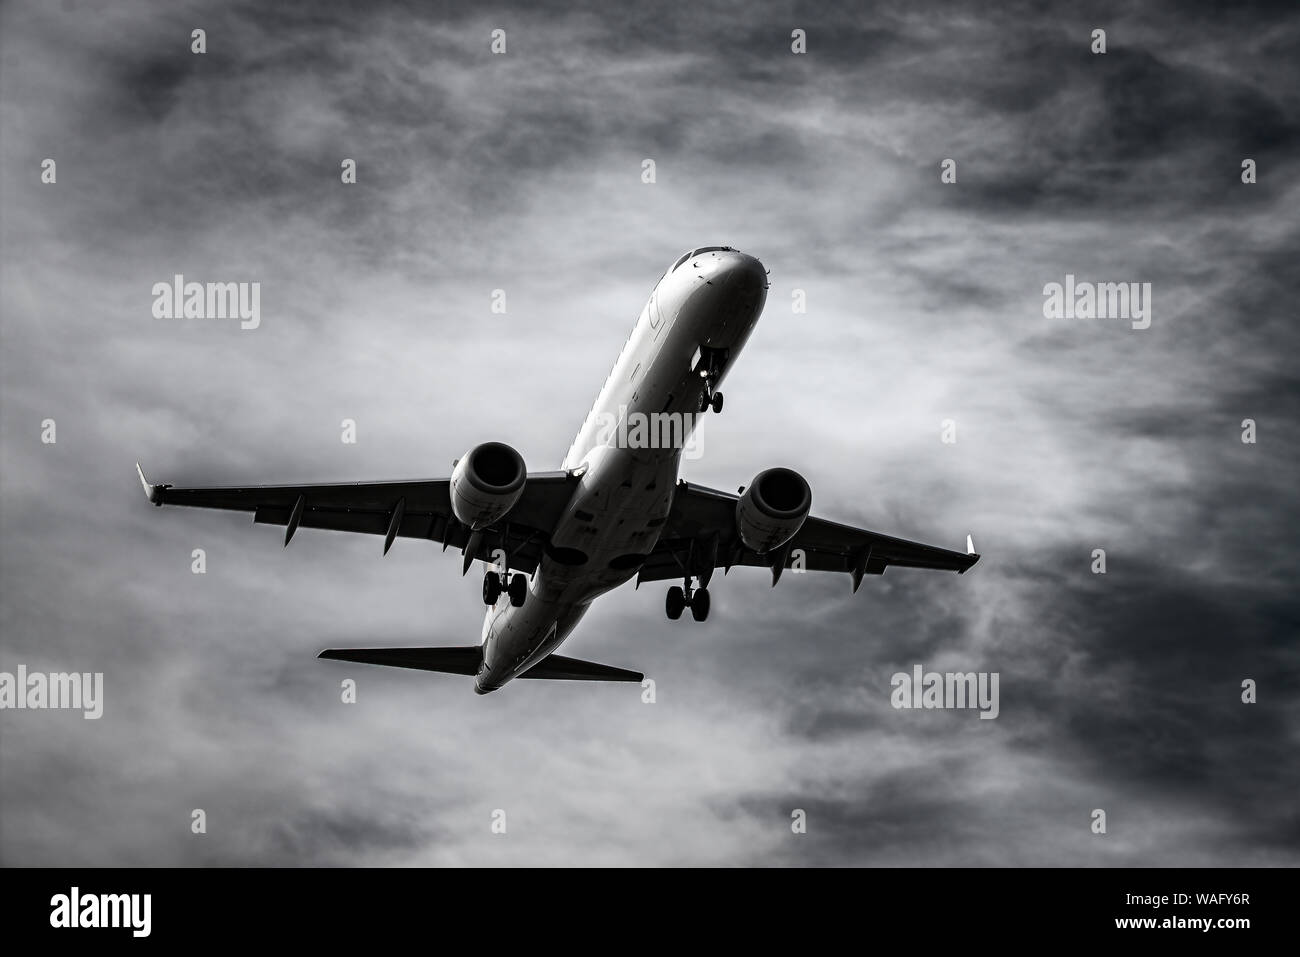 L'atterrissage de l'avion en face de ciel dramatique en noir et blanc Banque D'Images